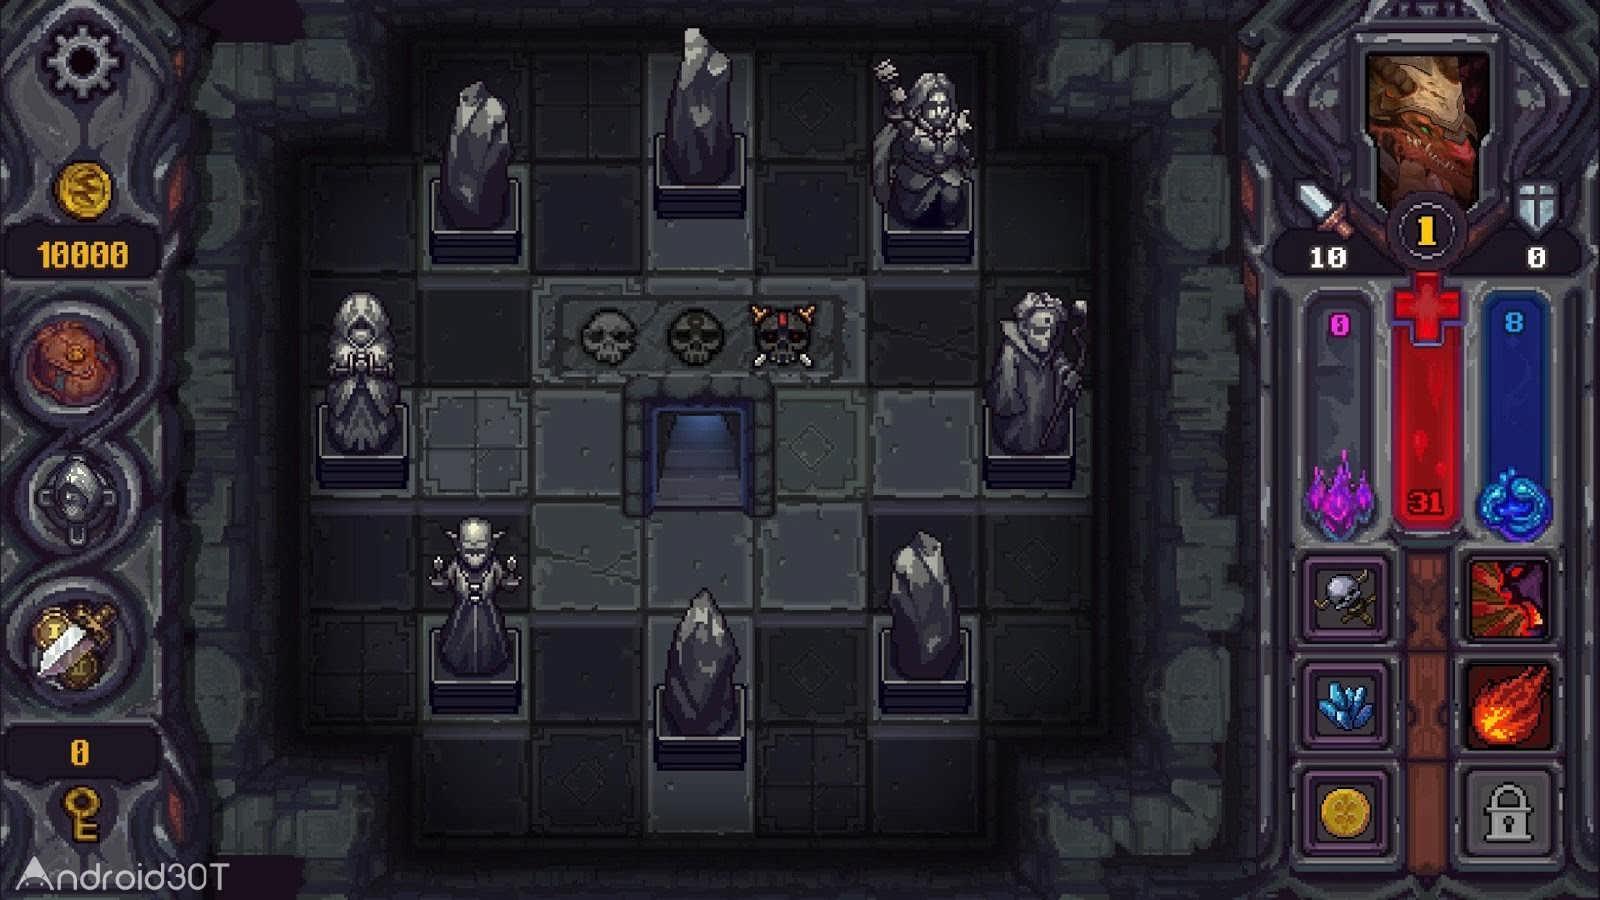 دانلود Runestone Keeper 1.2.6095 – بازی استراتژیکی نگهبان سیاهچال اندروید